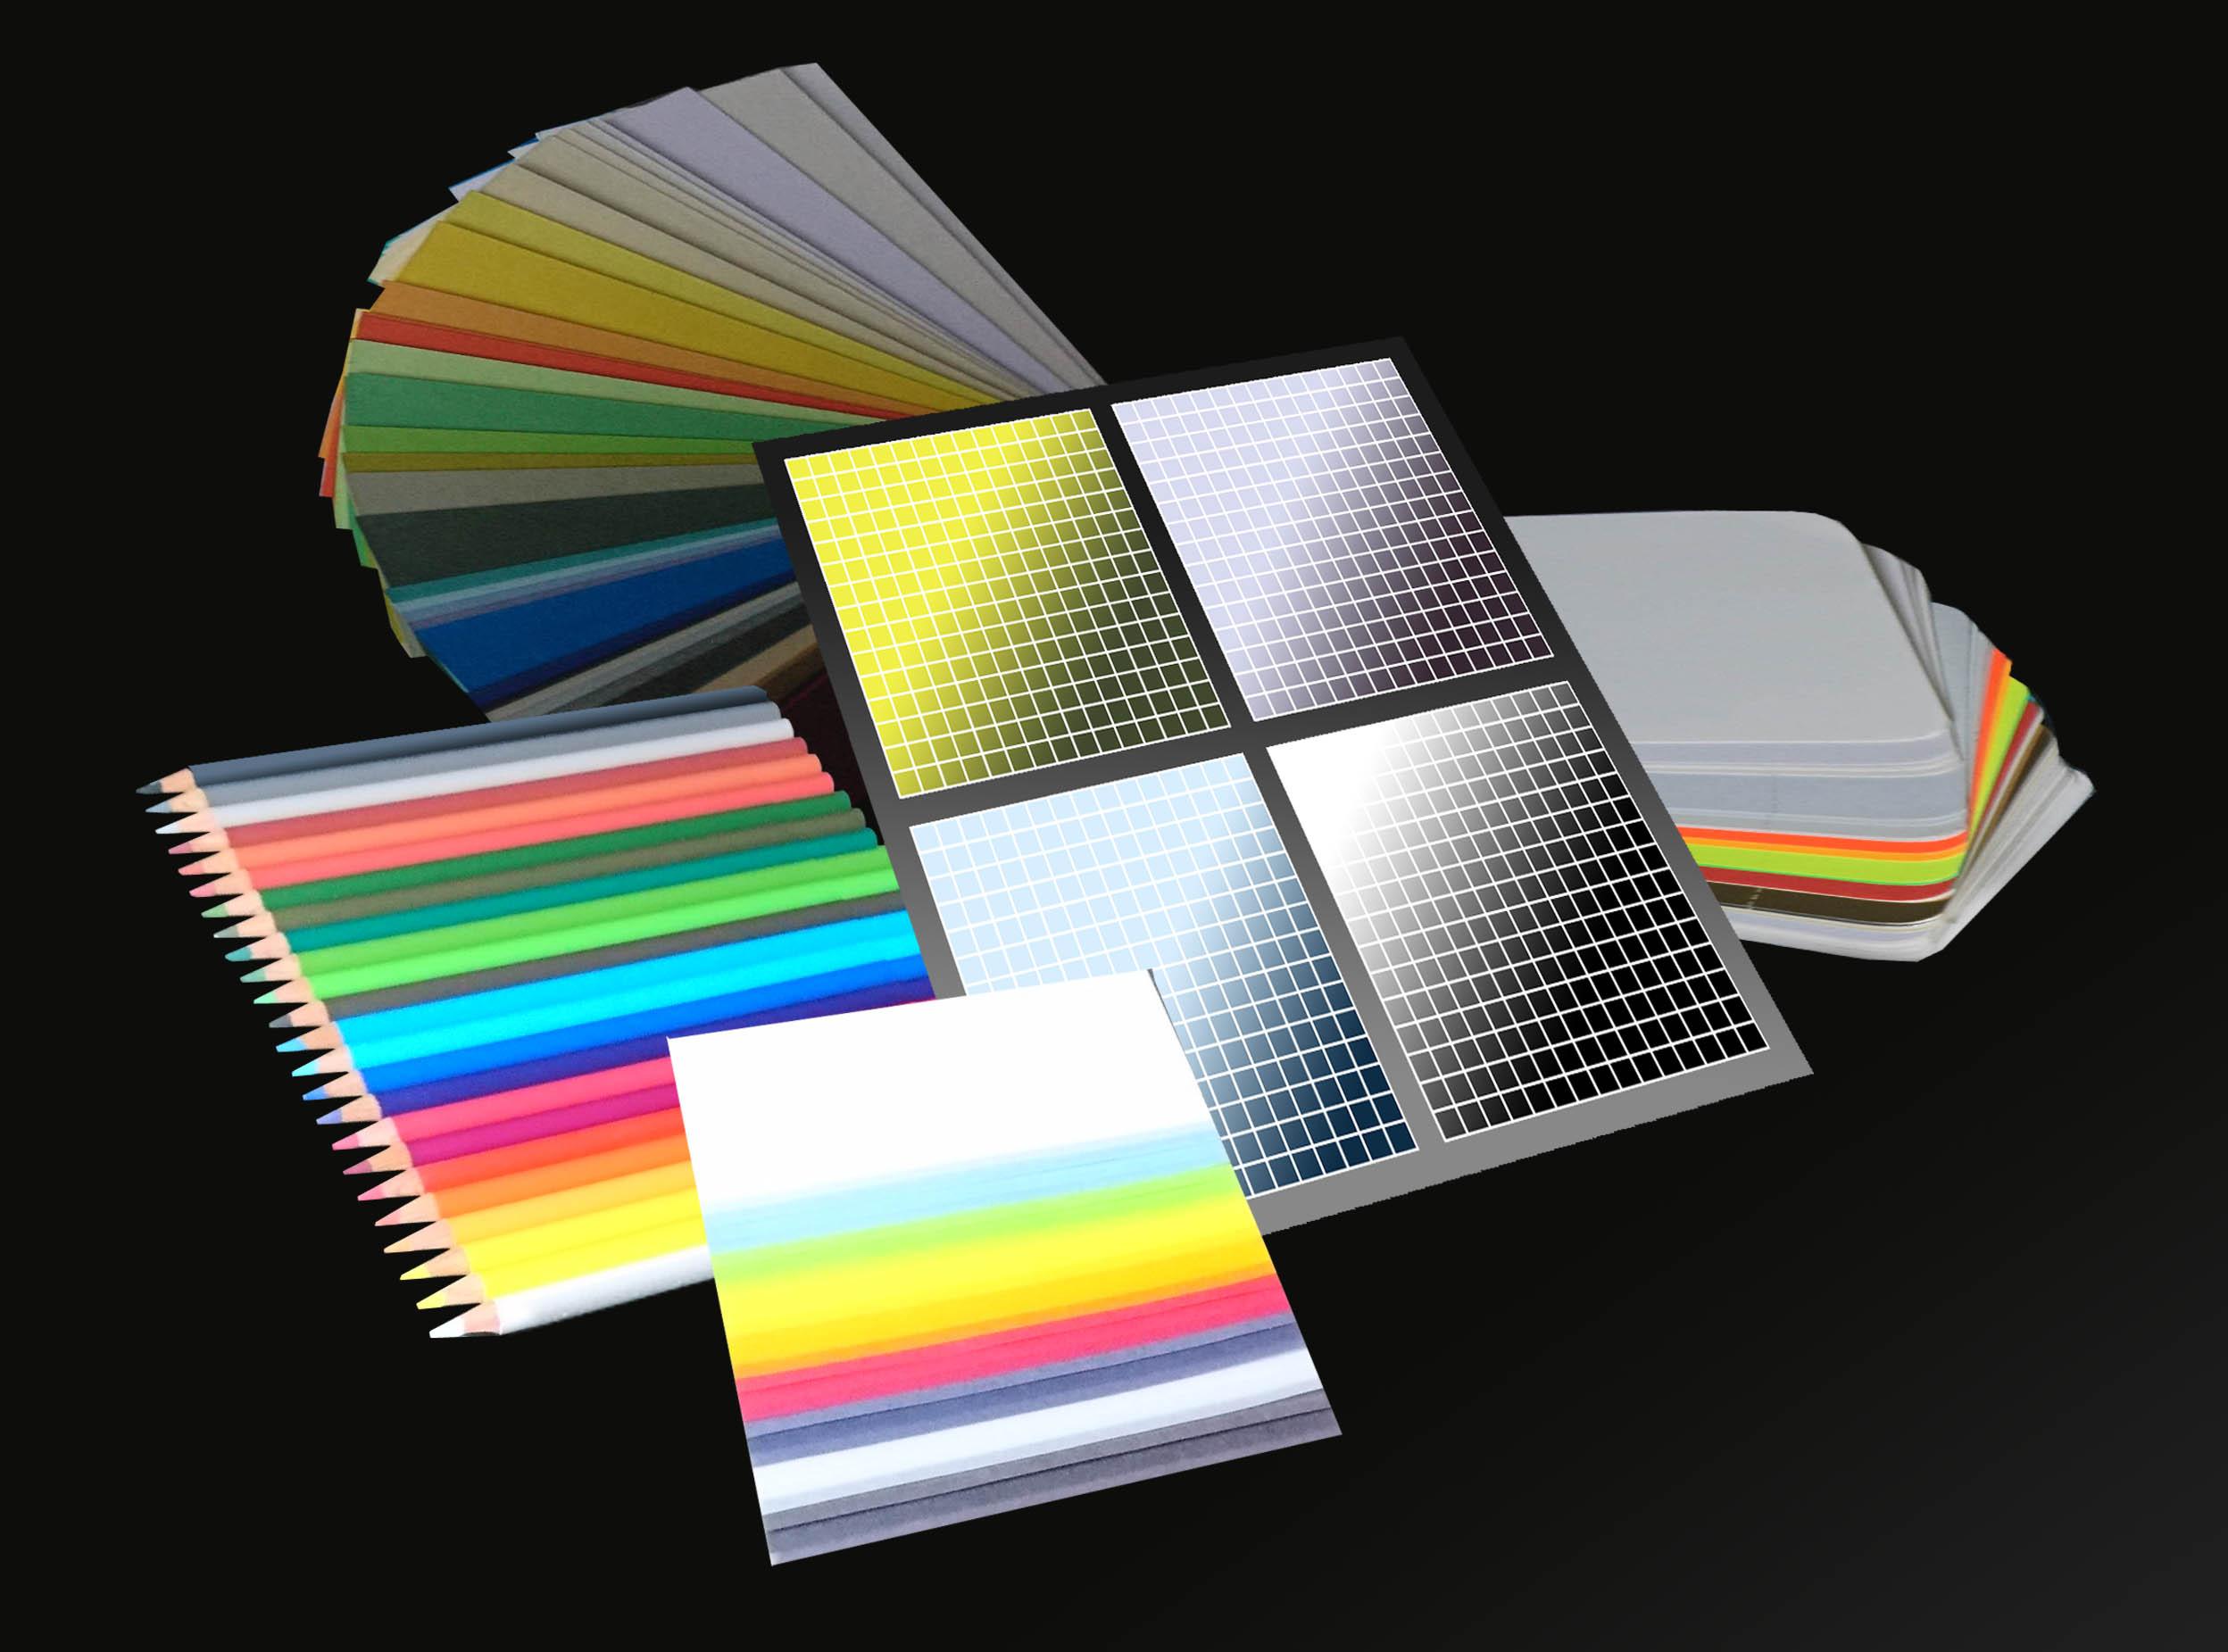 Eine Zusammenstellung von Farbpaletten, Buntstiften und Farbfaechern zeigen die Vielfalt der Farbsysteme und belegen die erforderliche Kenntnis bei der Betreuung der verschiedenen Medien.